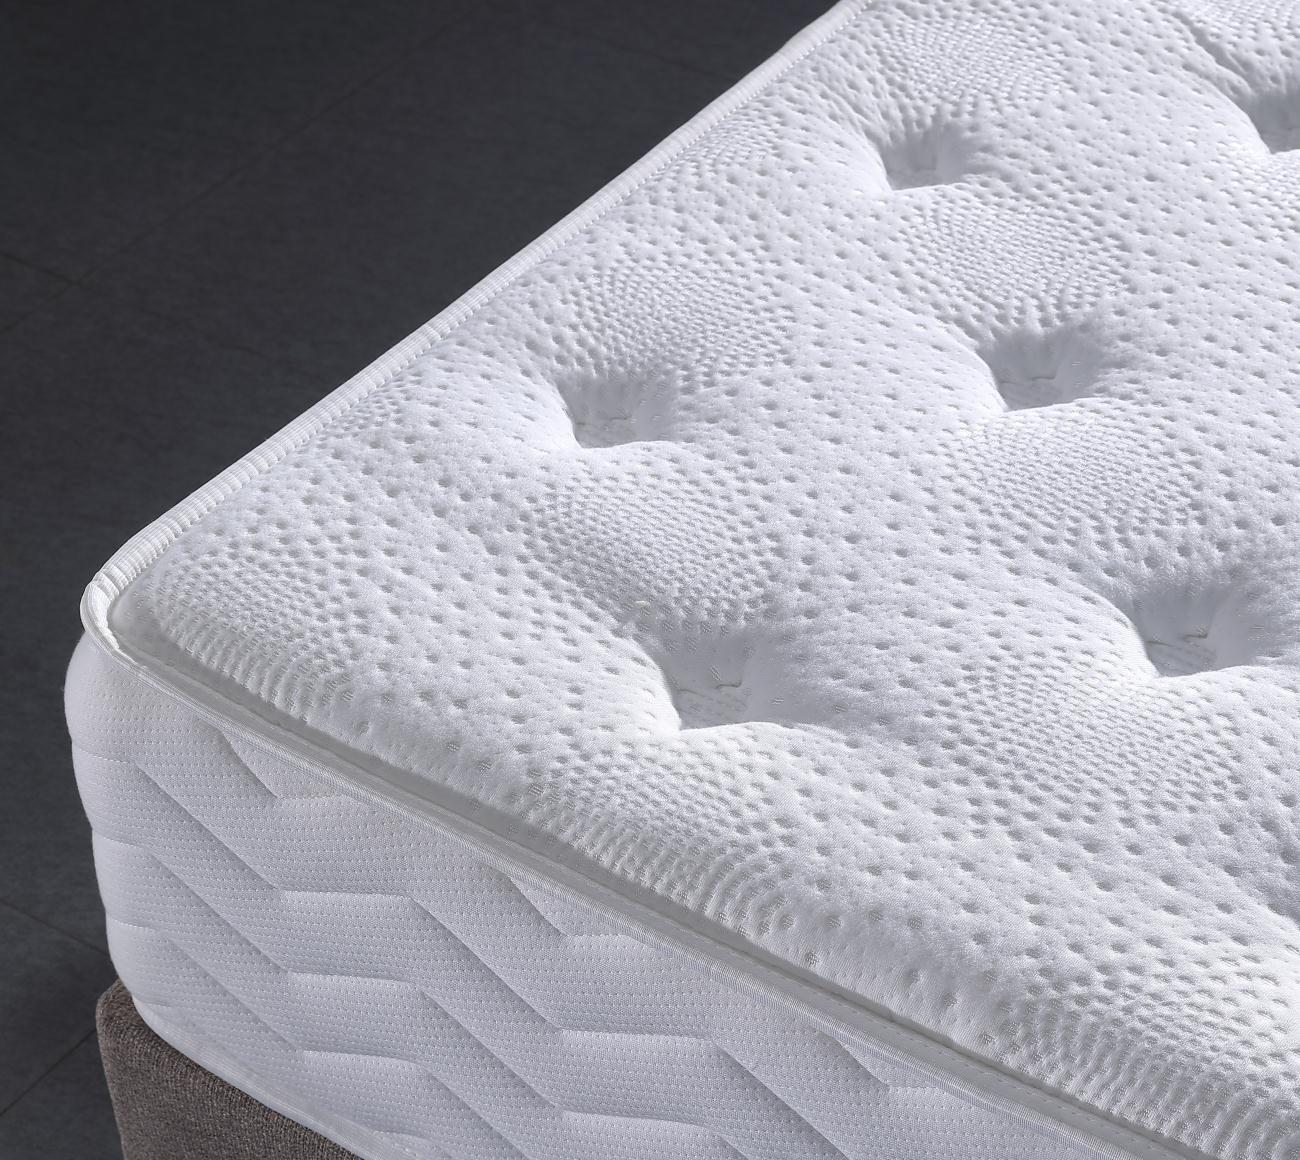 JLH-hotel bed mattress | Hotel Mattress | JLH-2